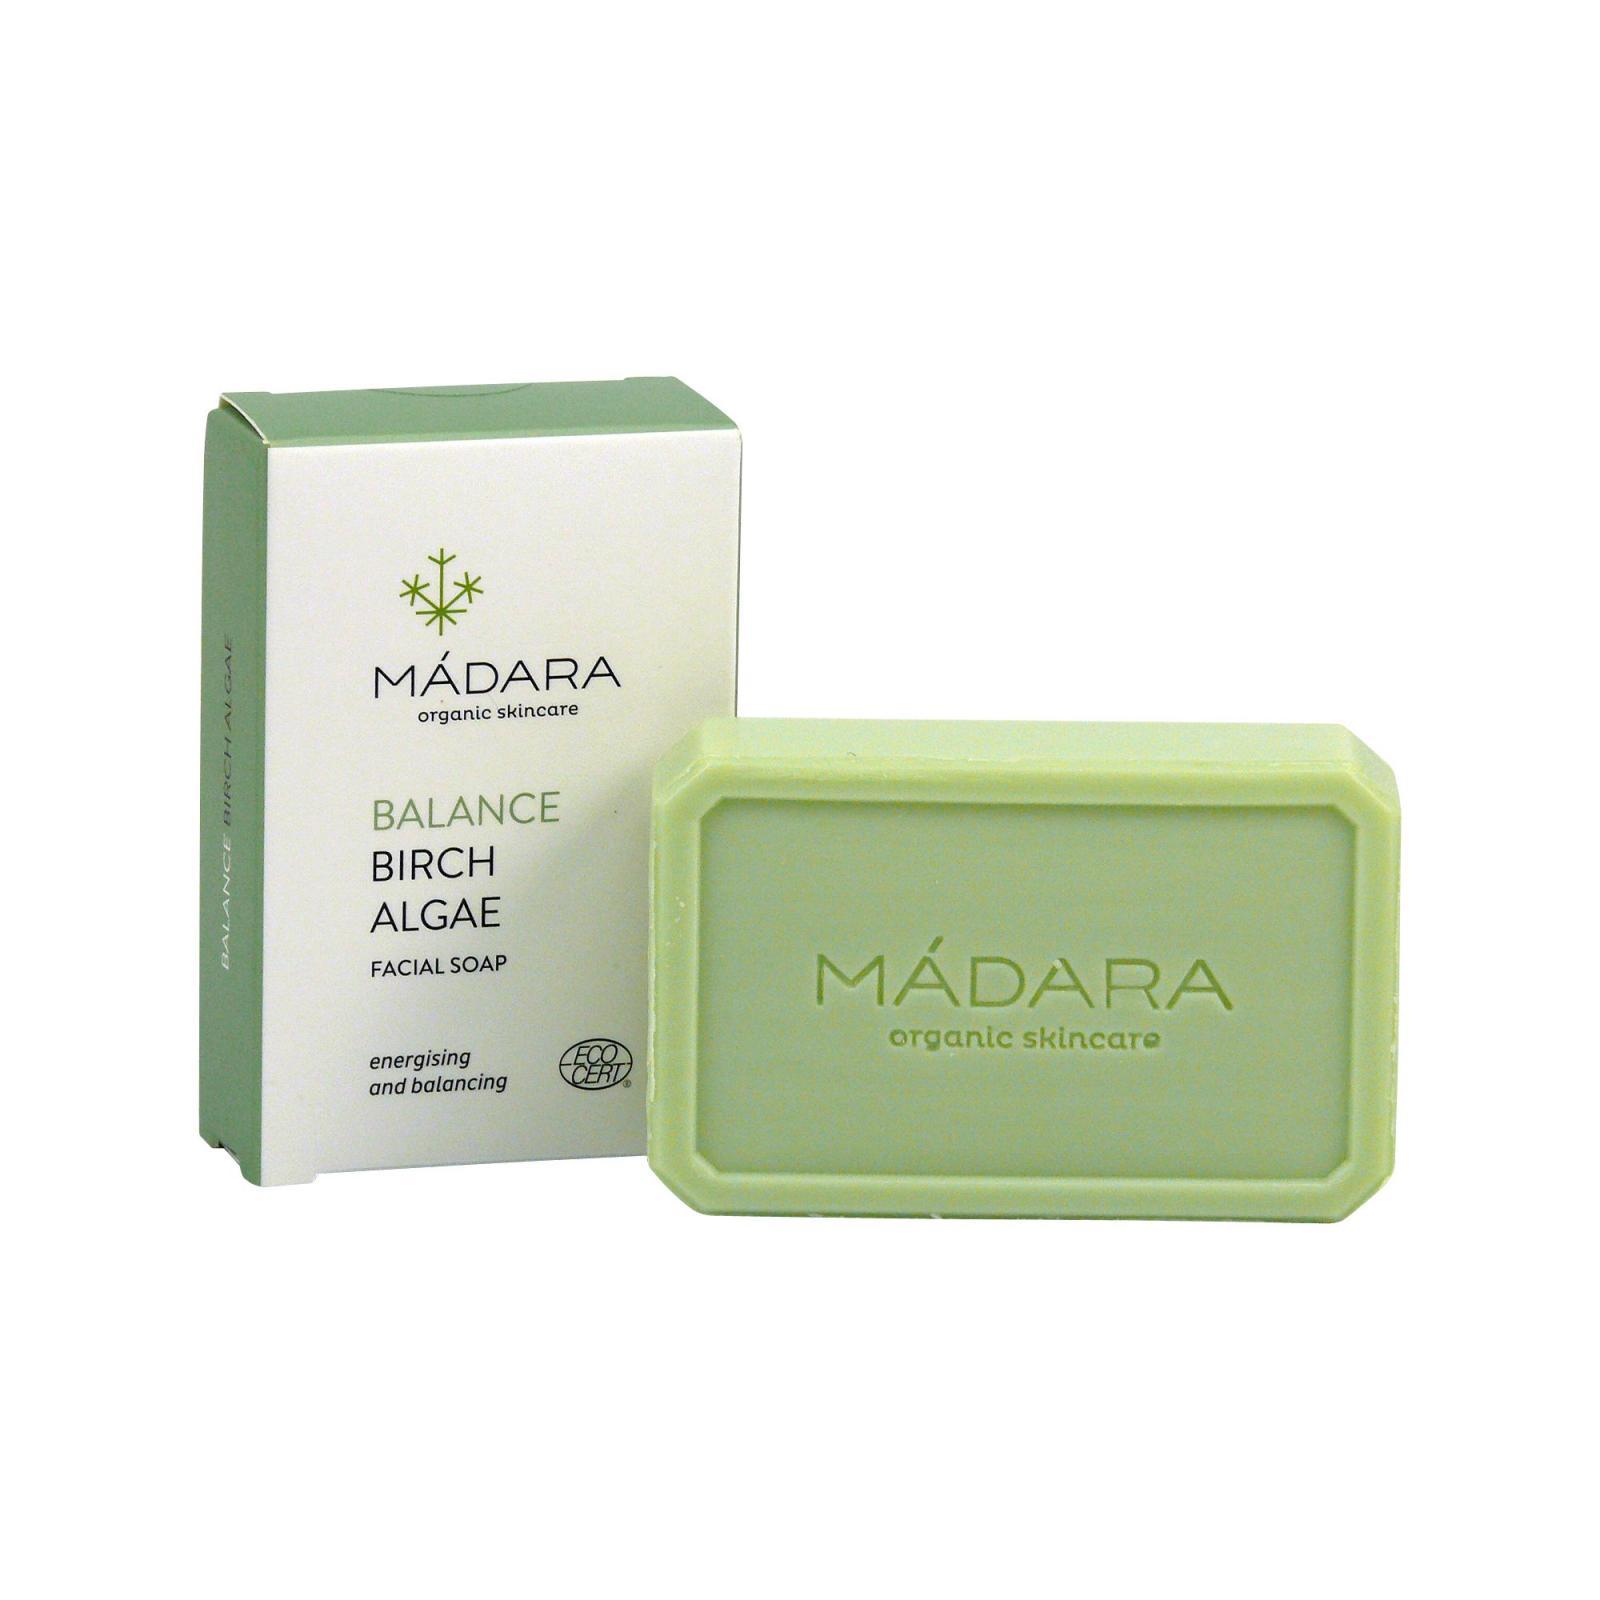 MÁDARA Pleťové vyrovnávací mýdlo, Balance 70 g